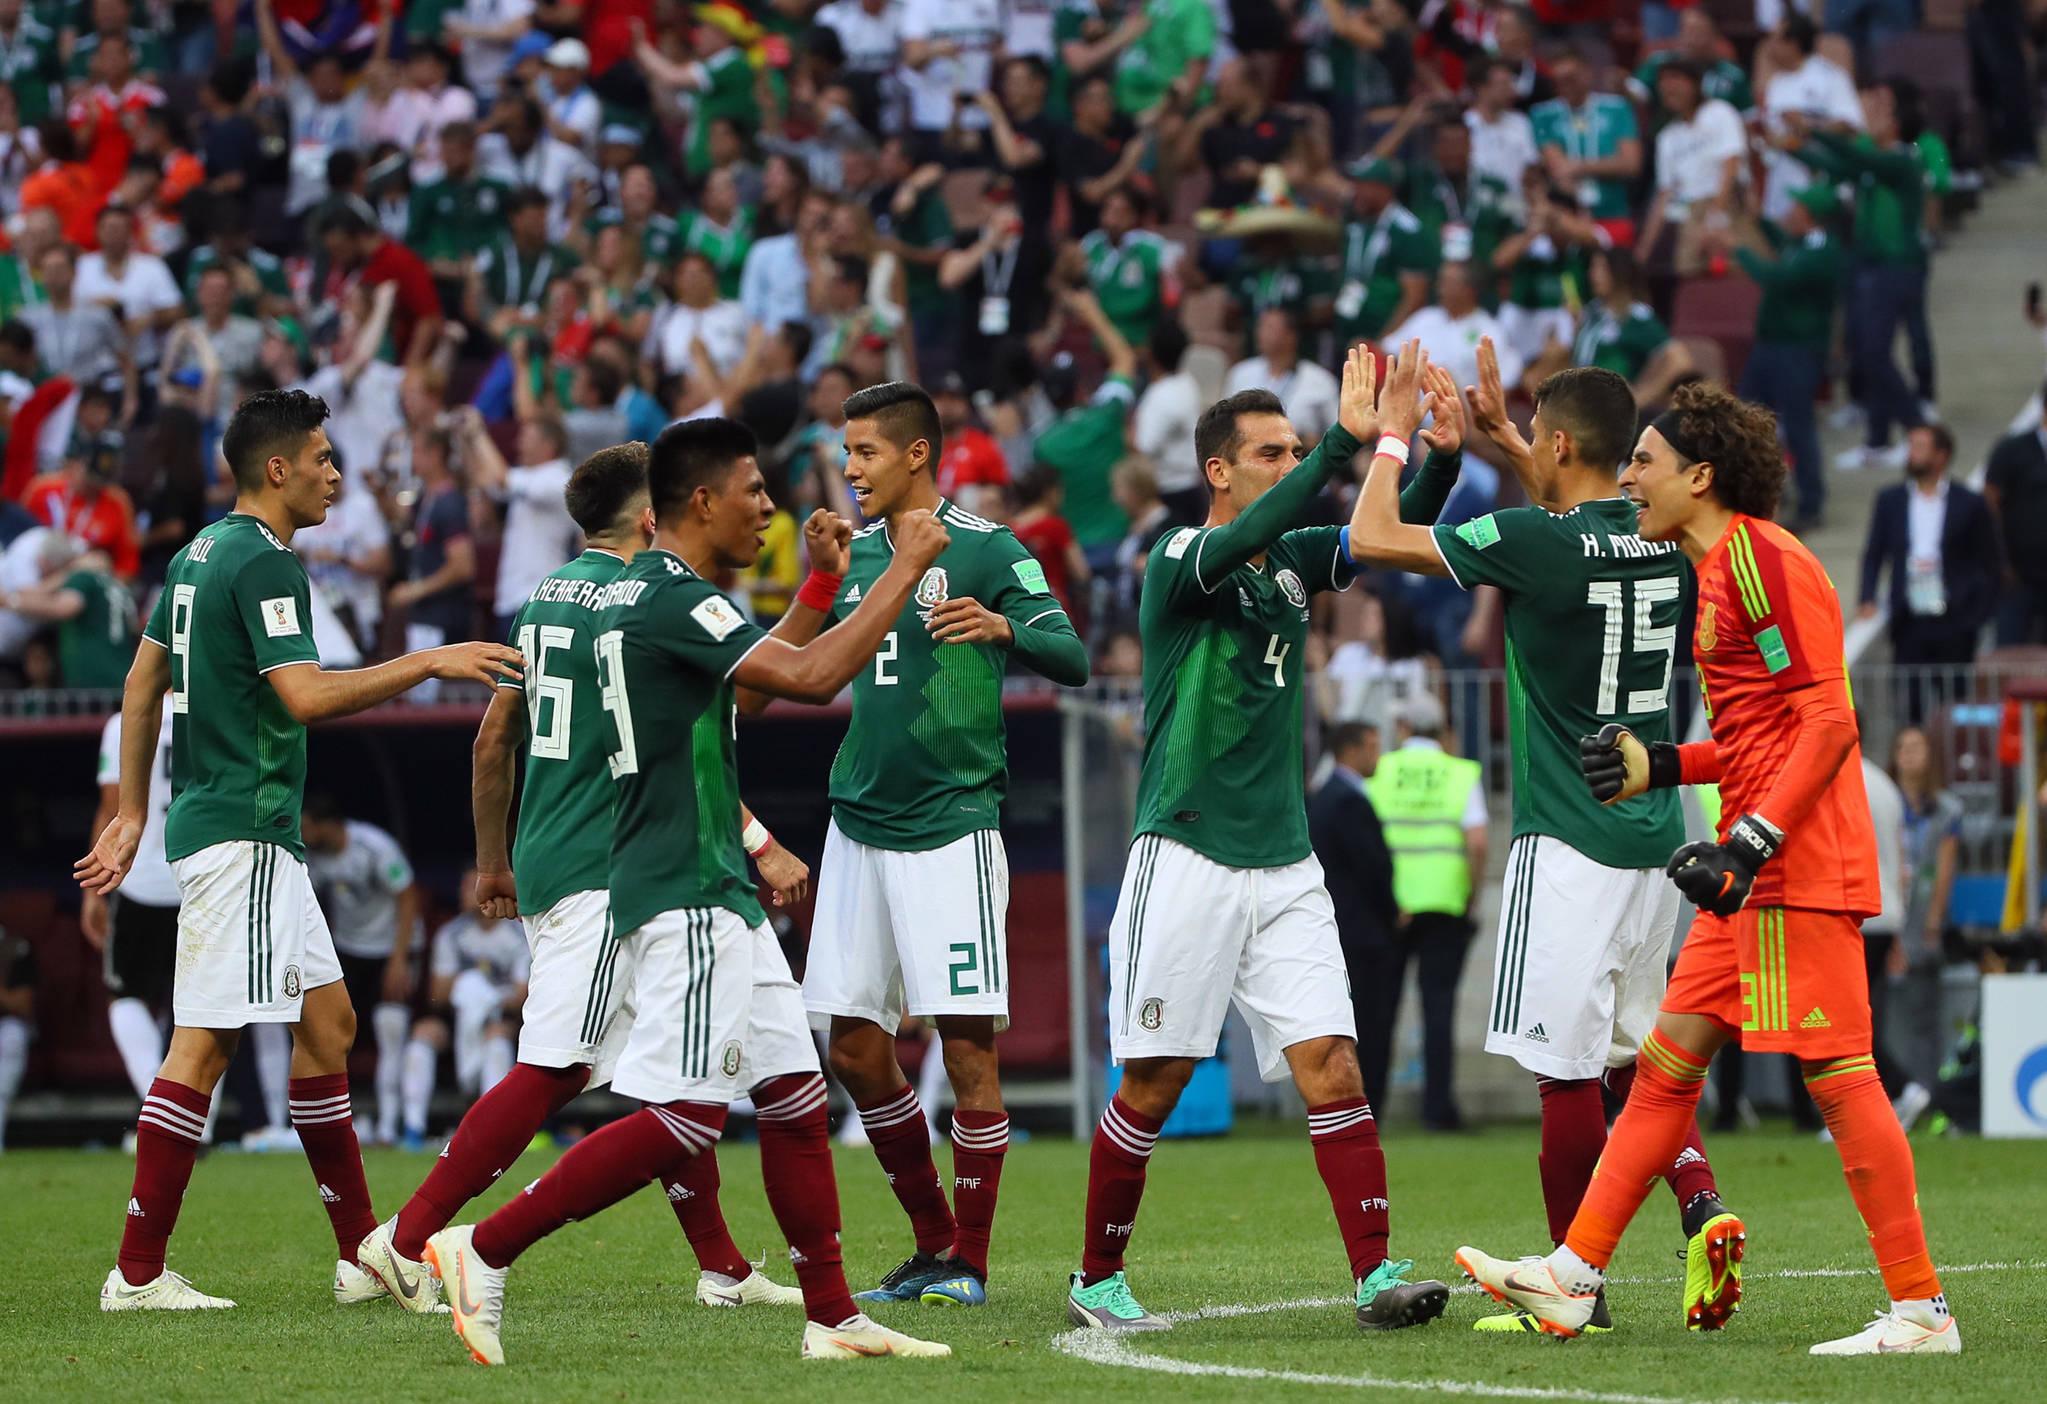 17일(현지시간) 모스크바 루즈니키 스타디움에서 열린 2018 러시아월드컵 F조 독일-멕시코 경기에서 멕시코 선수들이 독일을 1대0으로 꺽은 뒤 환호하고 있다. [연합뉴스]